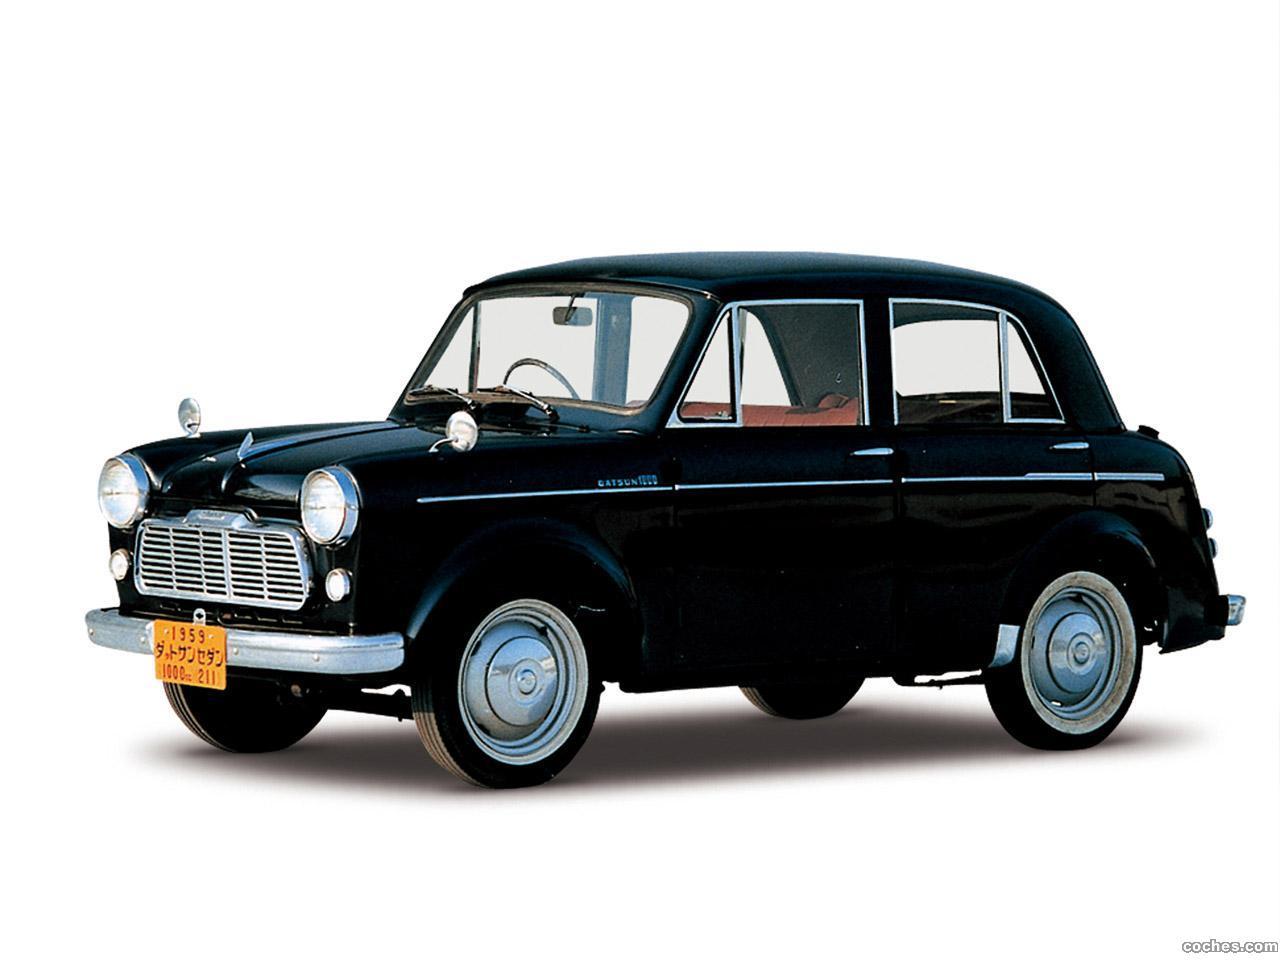 Foto 1 de Datsun 1000 211 1959